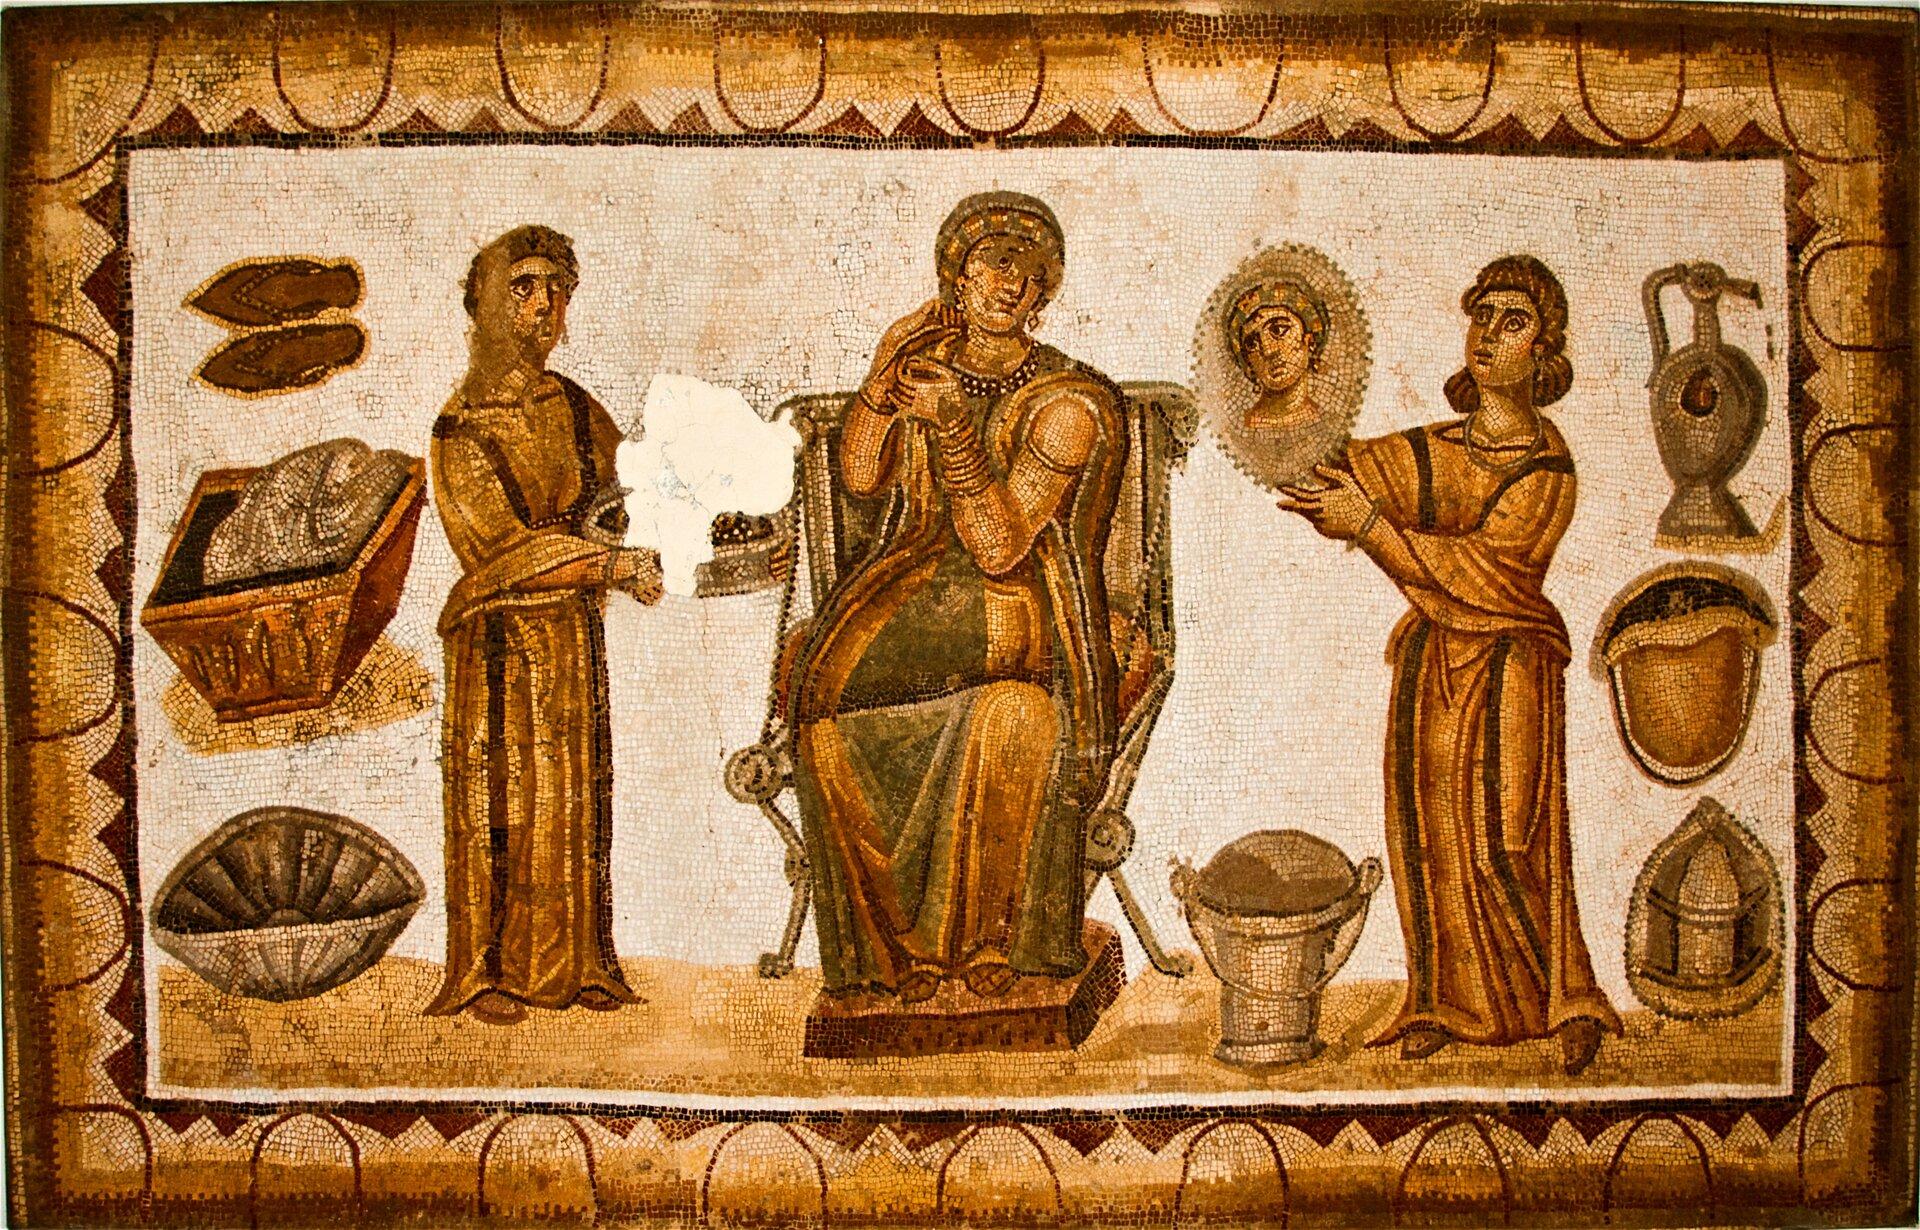 Fresk nieznanego autora przedstawia kobietę idwie niewolnice. Kobieta siedzi na tronie, ma niezadowoloną twarz, ubrana jest wdługą suknię, która ma odkryte ramiona. Po obu jej stronach stoją jej niewolnice. Kobiety są ubrane wdługie suknie. Jedna wdłoniach trzyma miskę, adruga lustro.